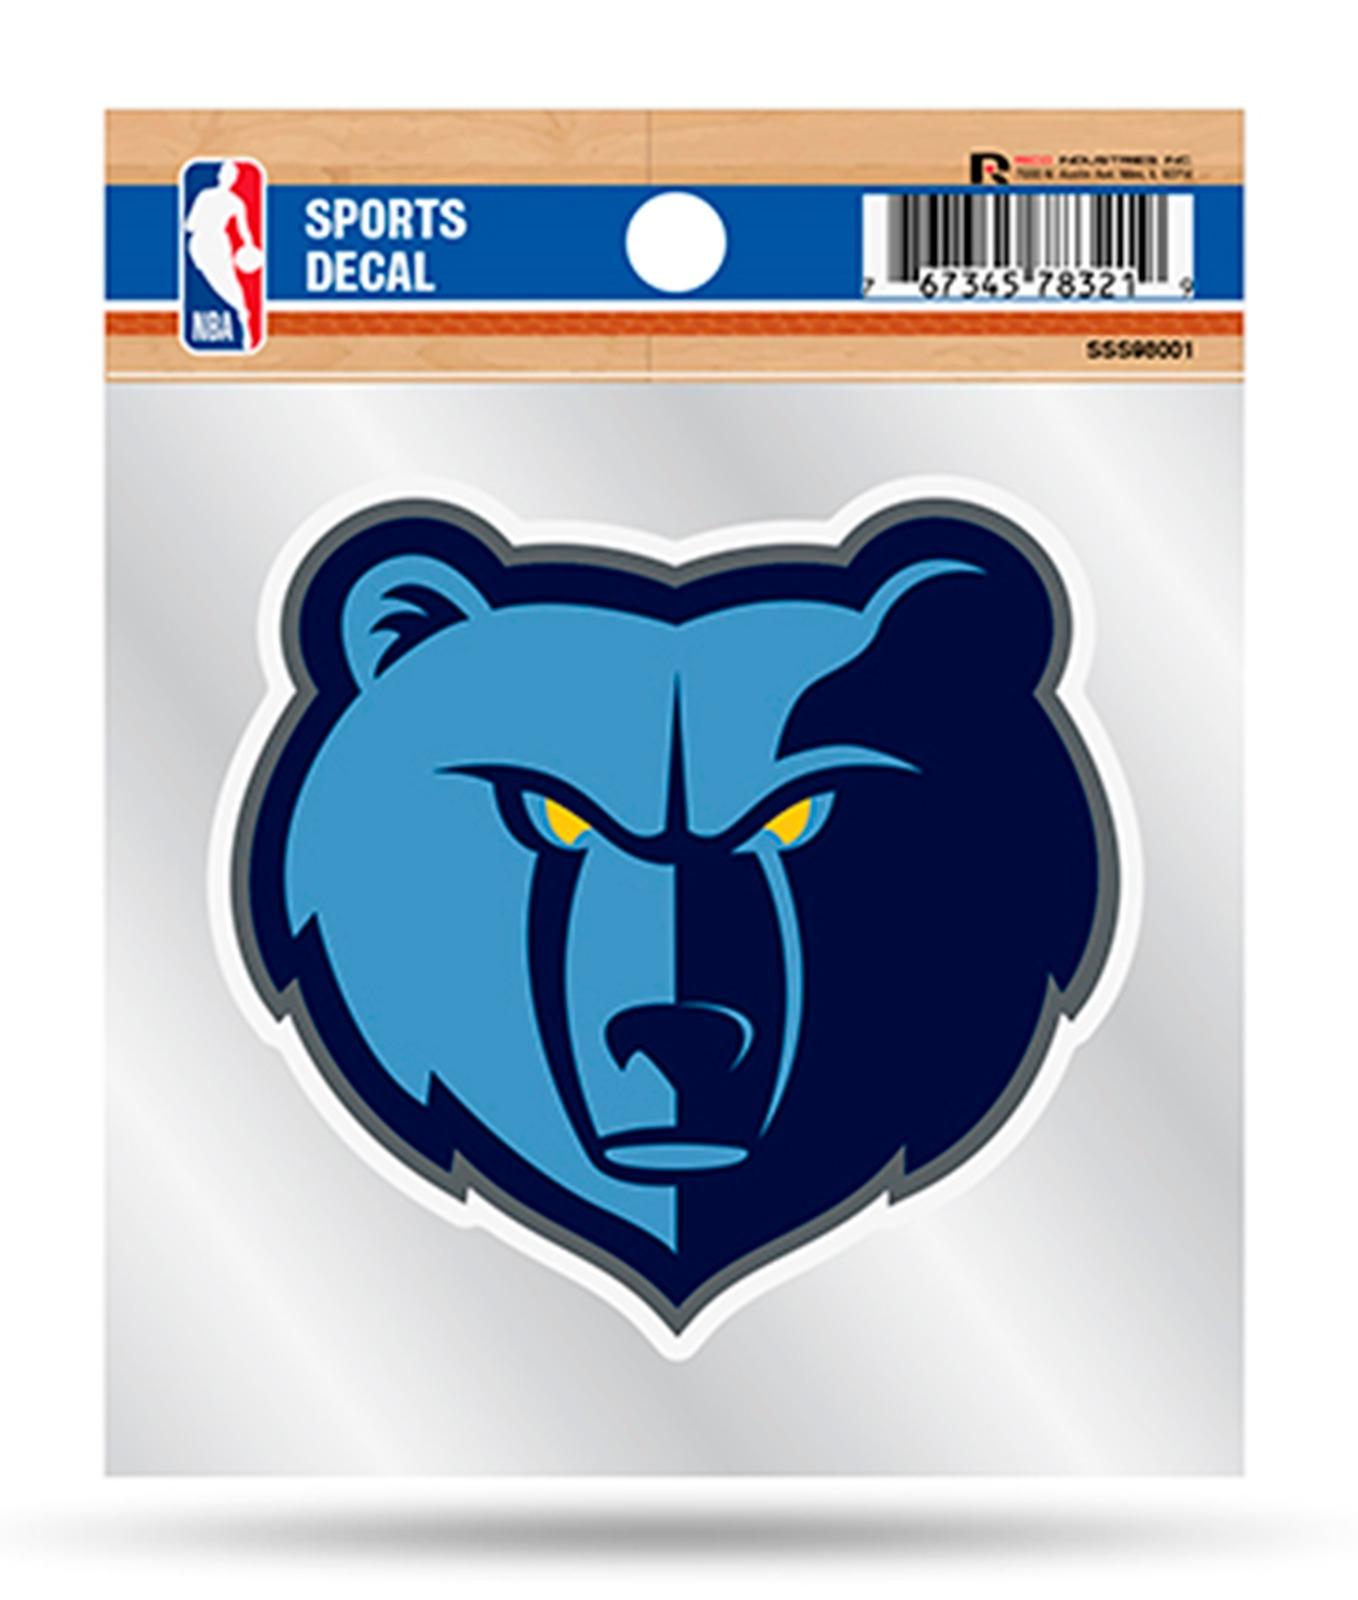 hotprint Grizzlies Basketball Memphis Sport Logo Car Bumper Sticker Decal 5 X 4